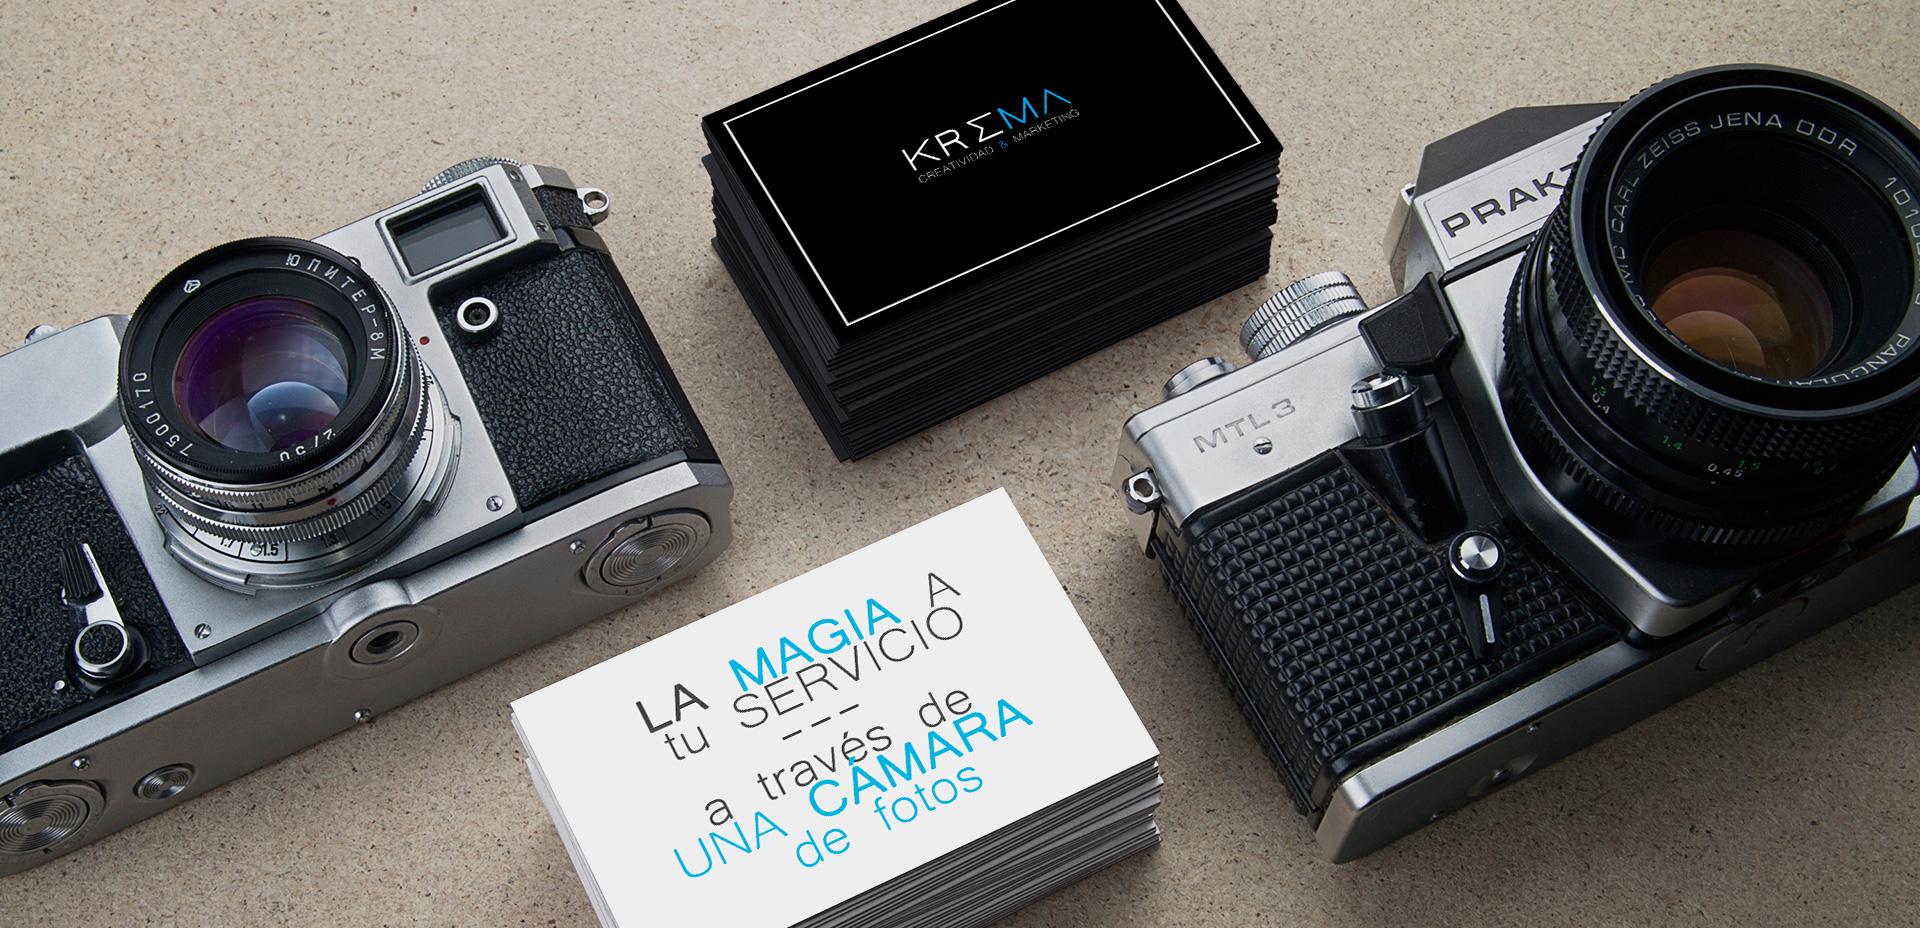 fotografía albacete, fotografía, estudio de fotografía, estudio de fotografía albacete, krema